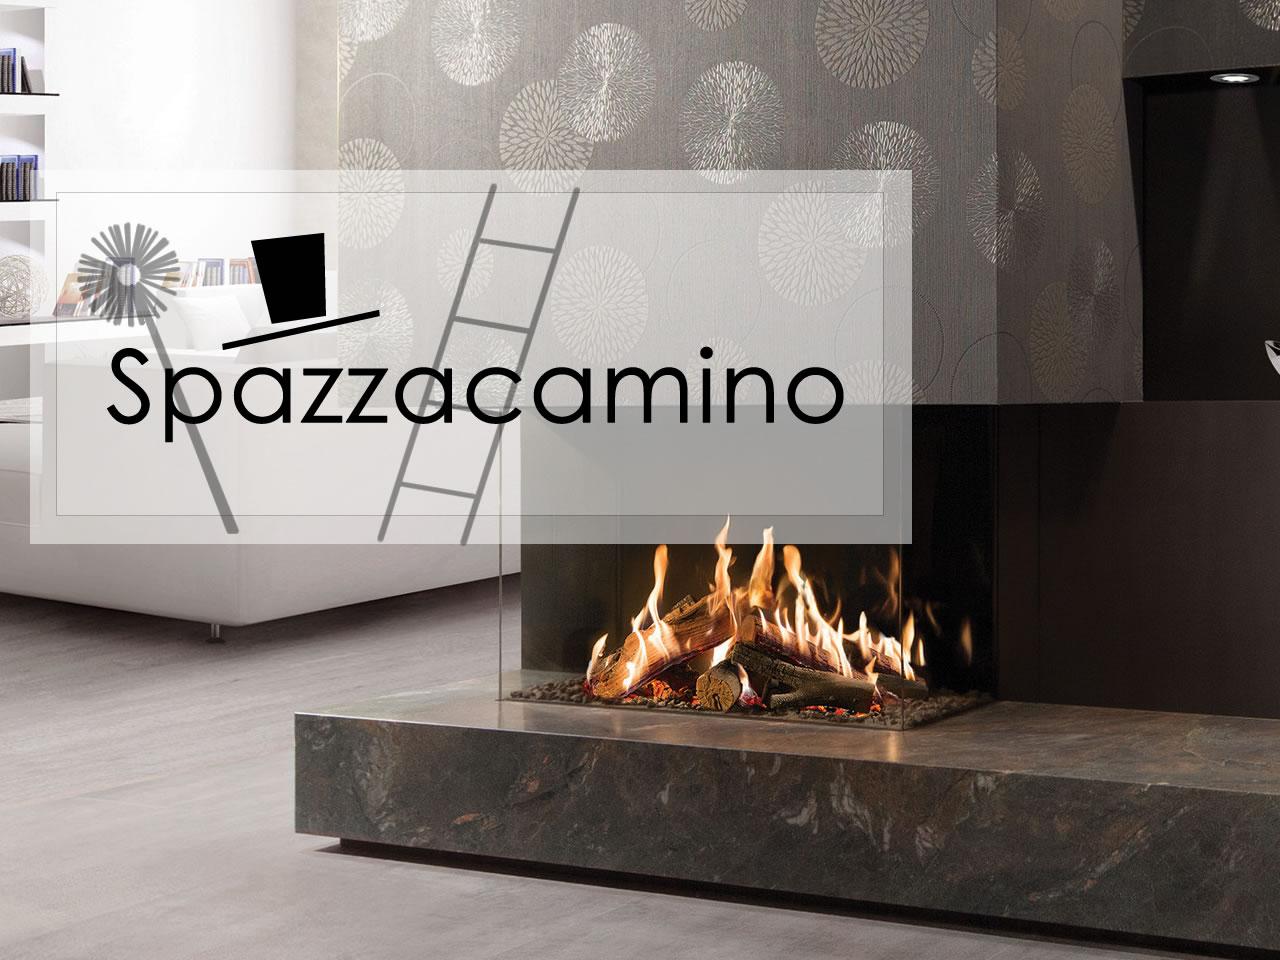 Pagano Milano - Spazzacamino Canna Fumaria a Pagano Milano